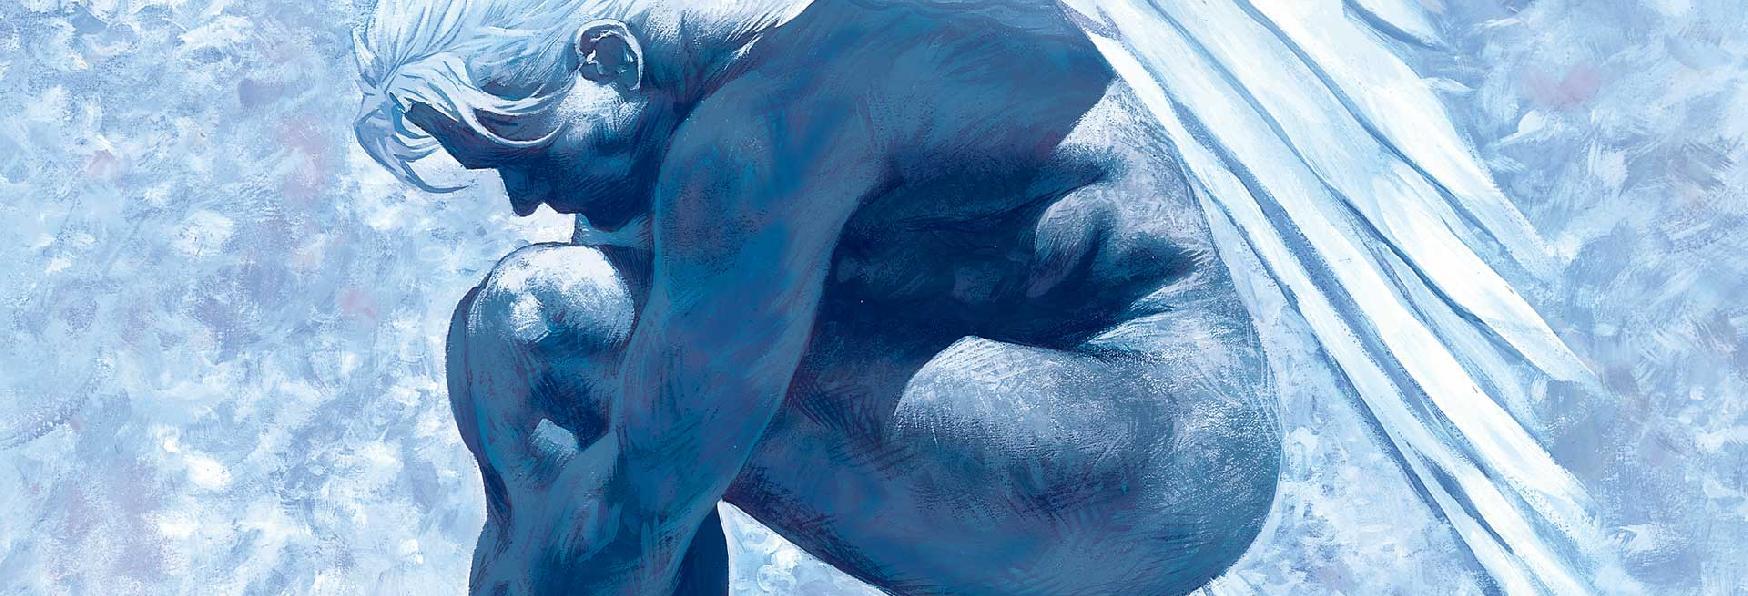 Lucifer: farà parte dell'universo di The Sandman che Netflix sta Sviluppando?